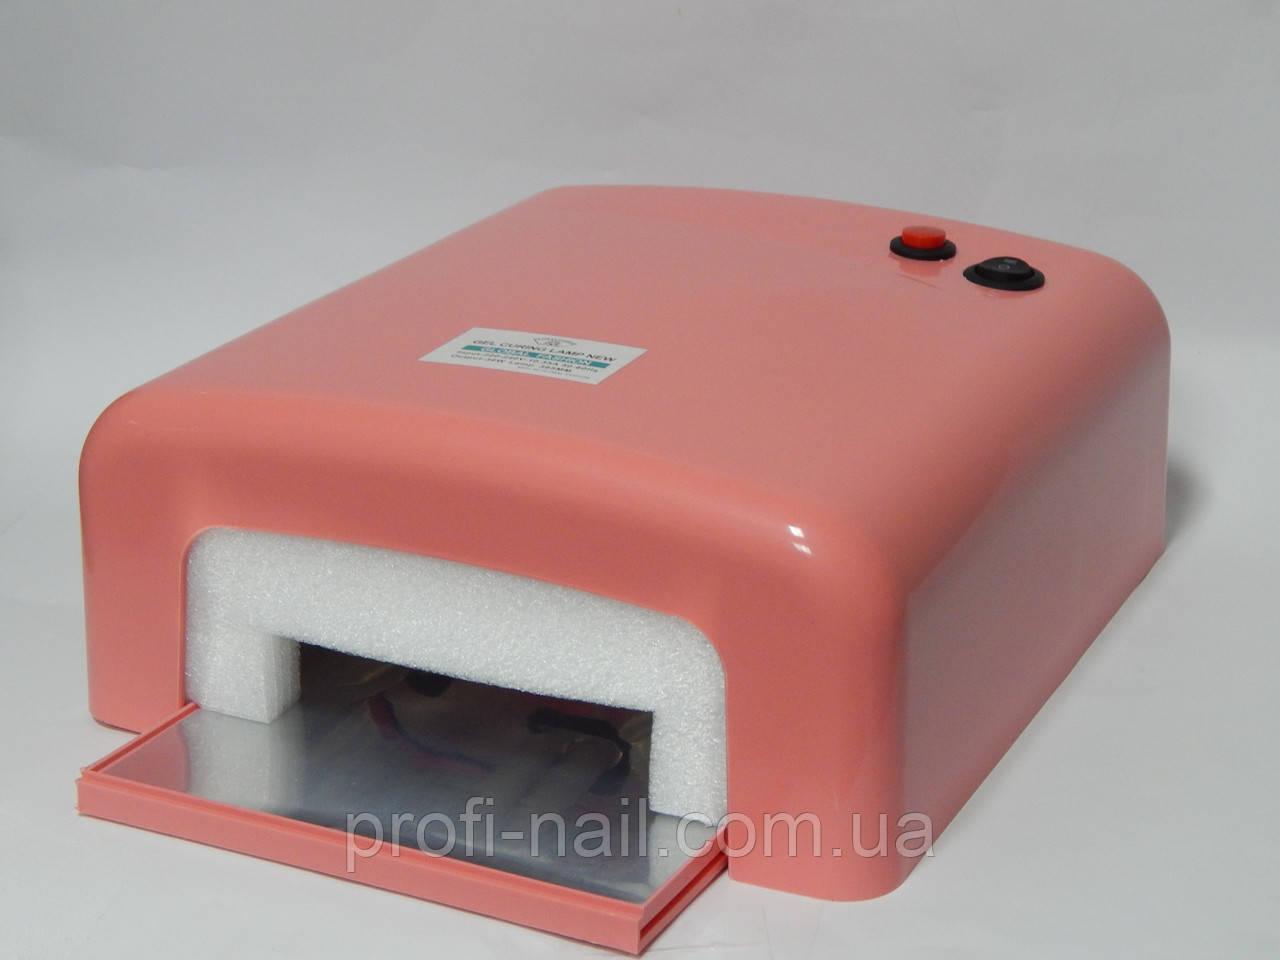 Ультрафиолетовая лампа 36вт Global  K-818 Лаковое покрытие-алаяроза